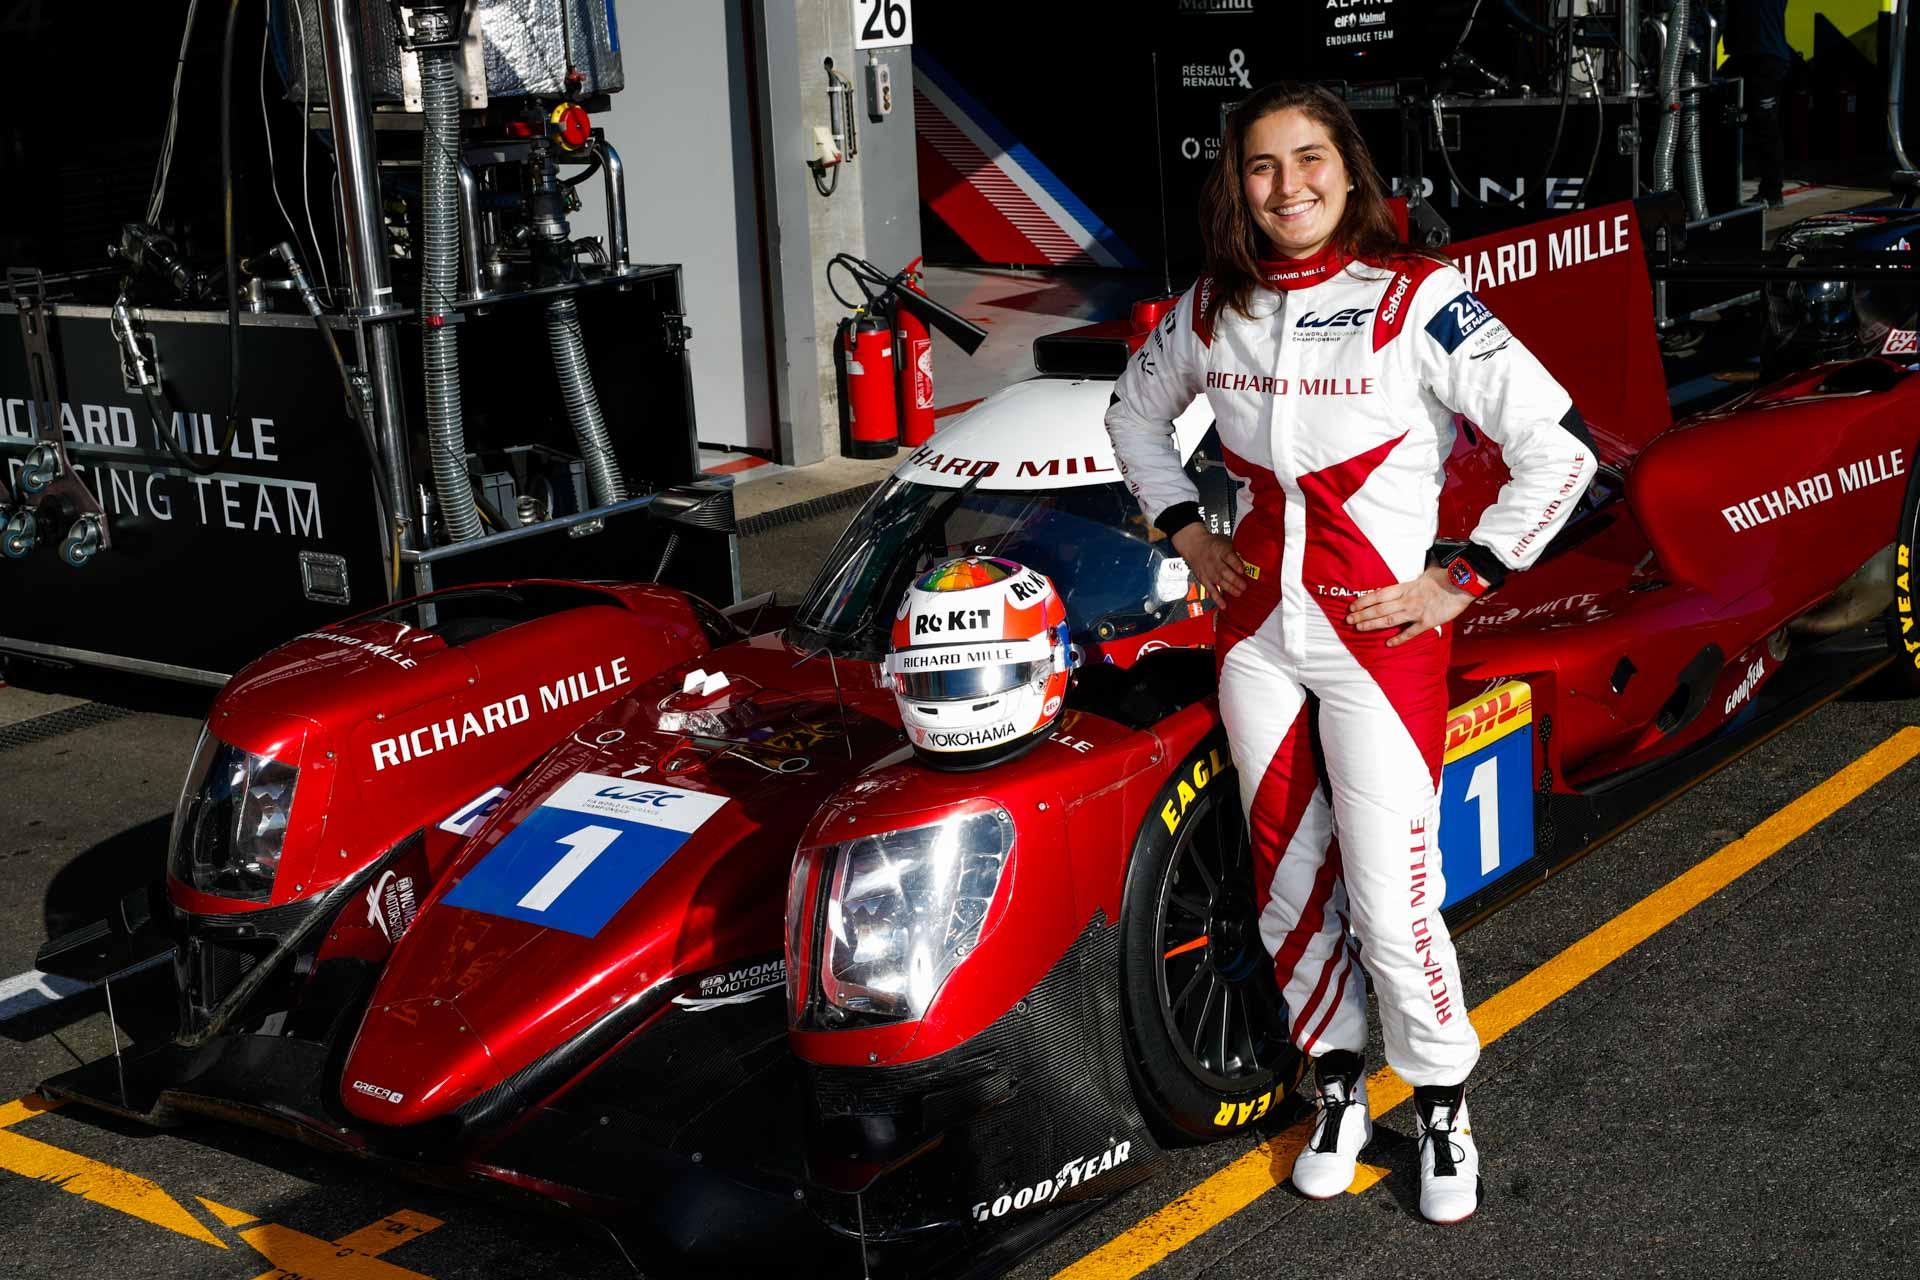 RICHARD MILLE车队迎战国际汽联(FIA)世界耐力赛锦标赛(WEC)-